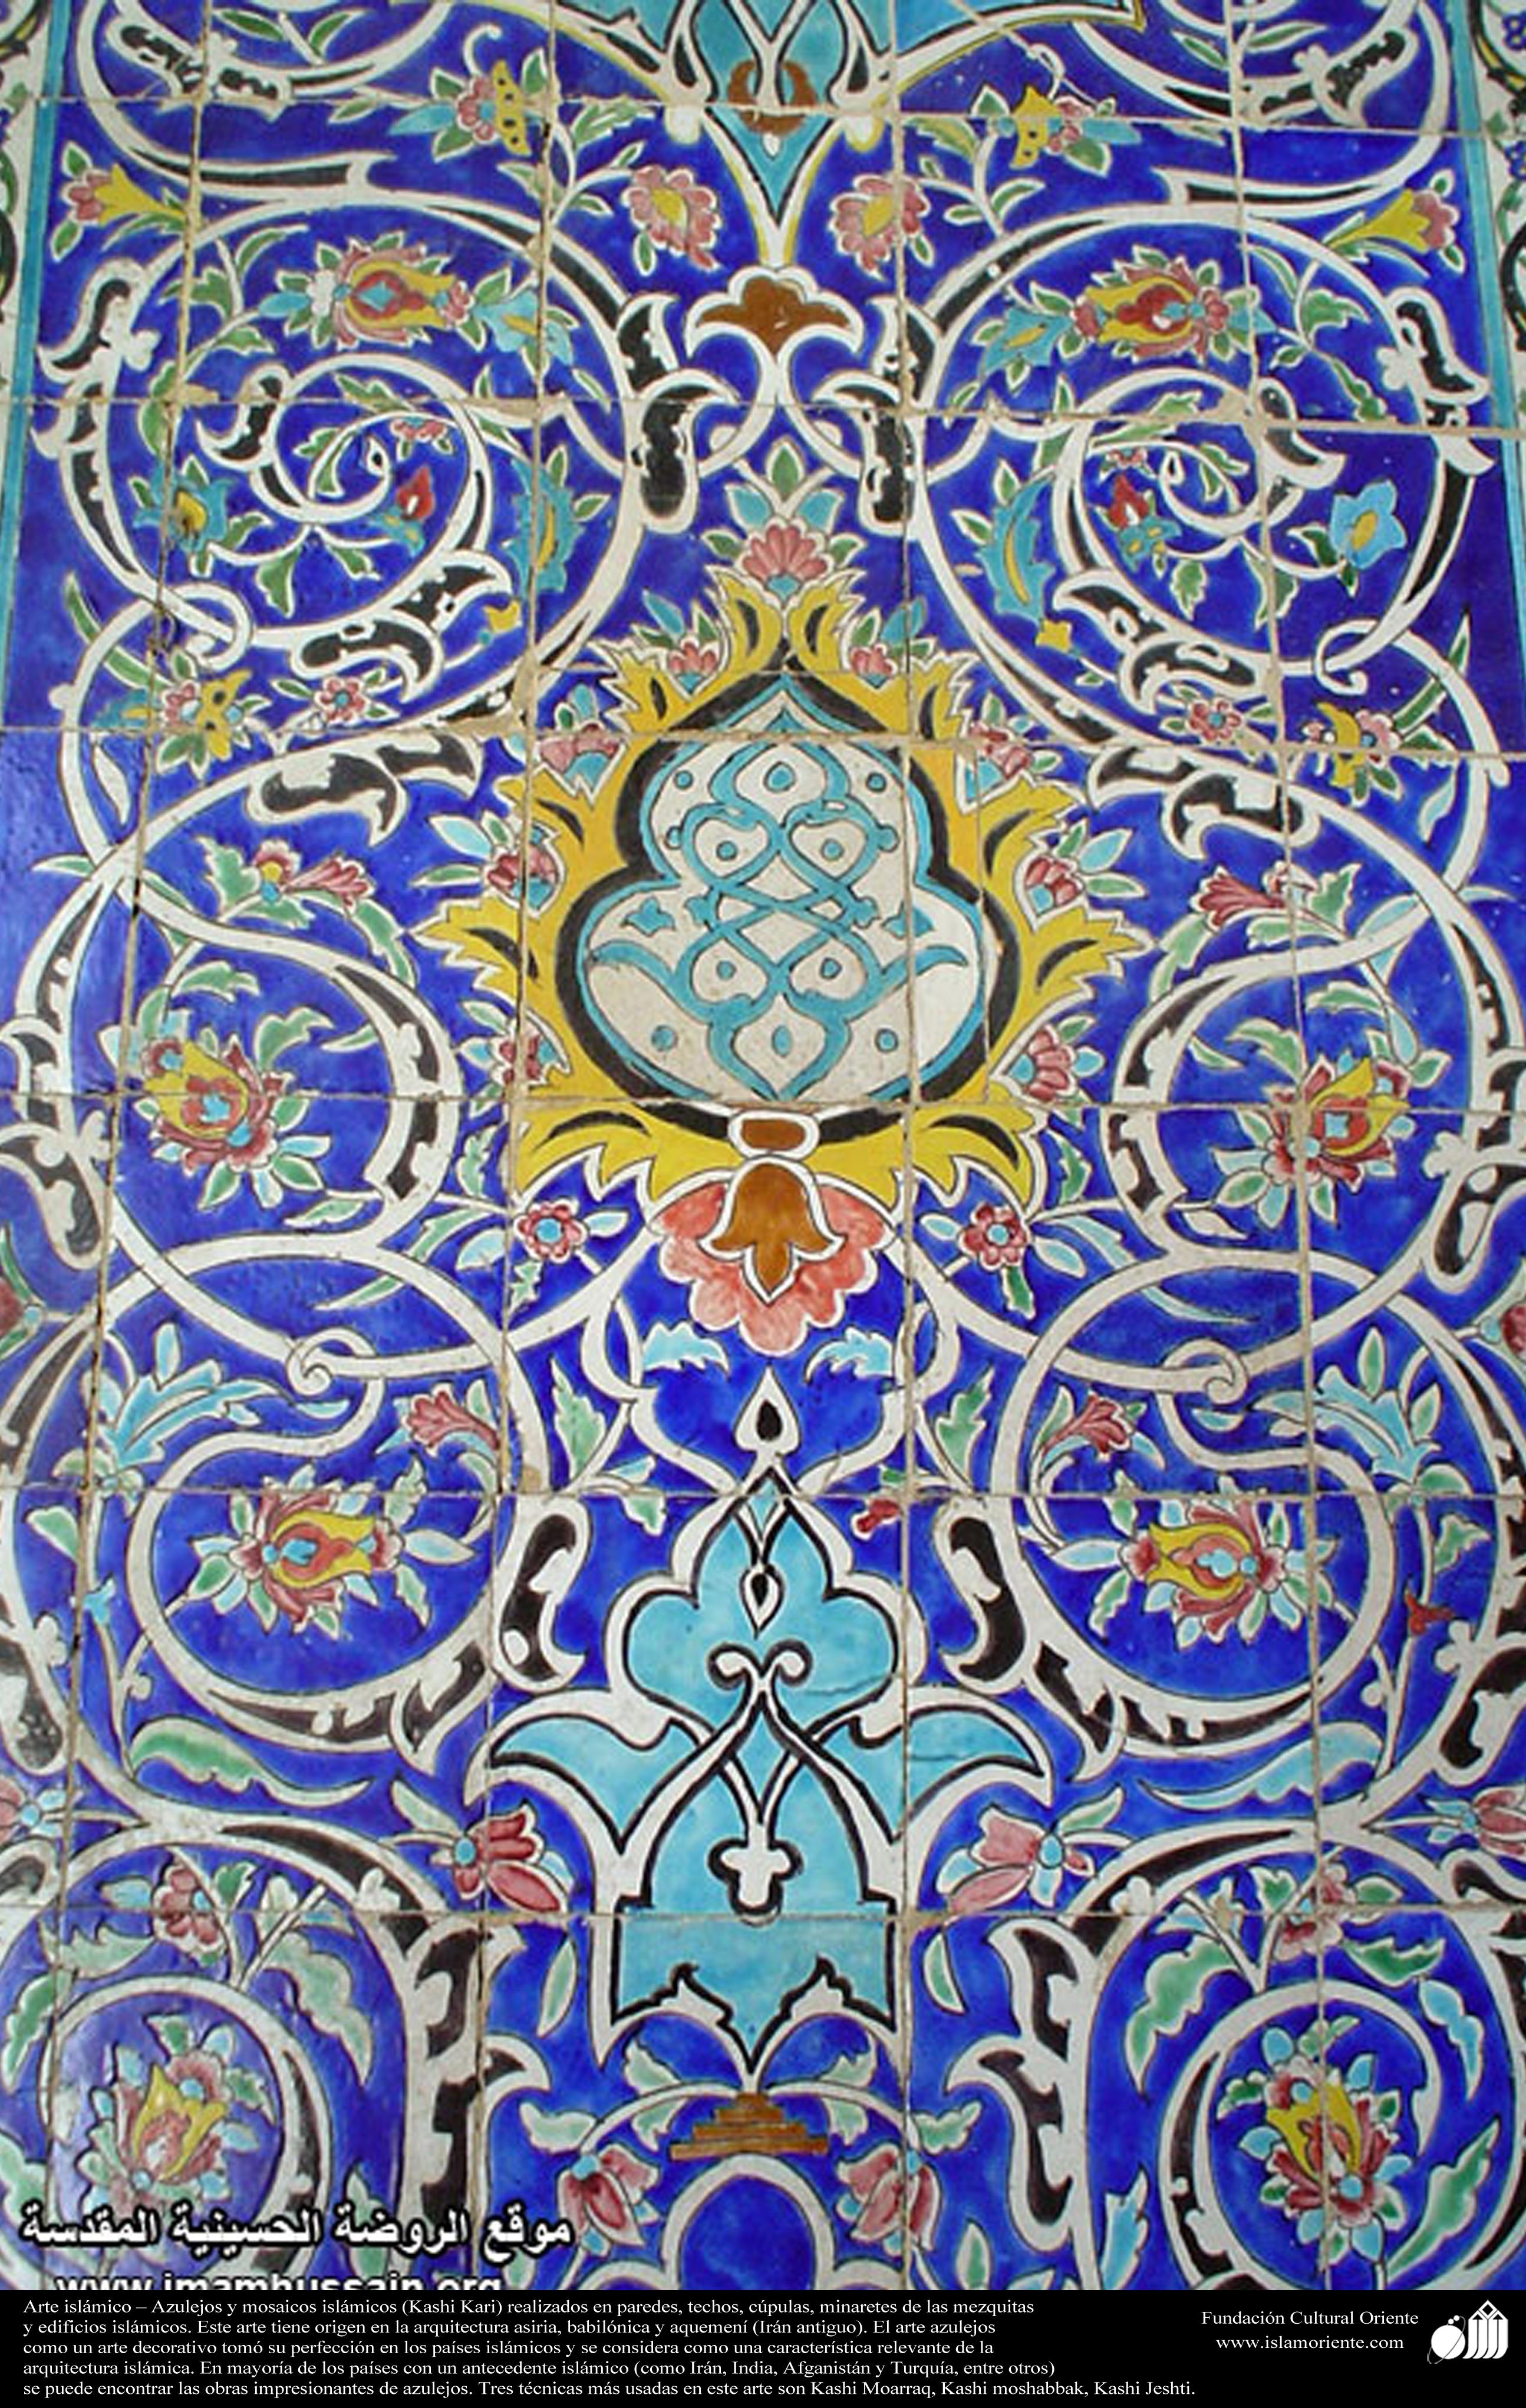 Arte islámico – Azulejos y mosaicos islámicos (Kashi Kari